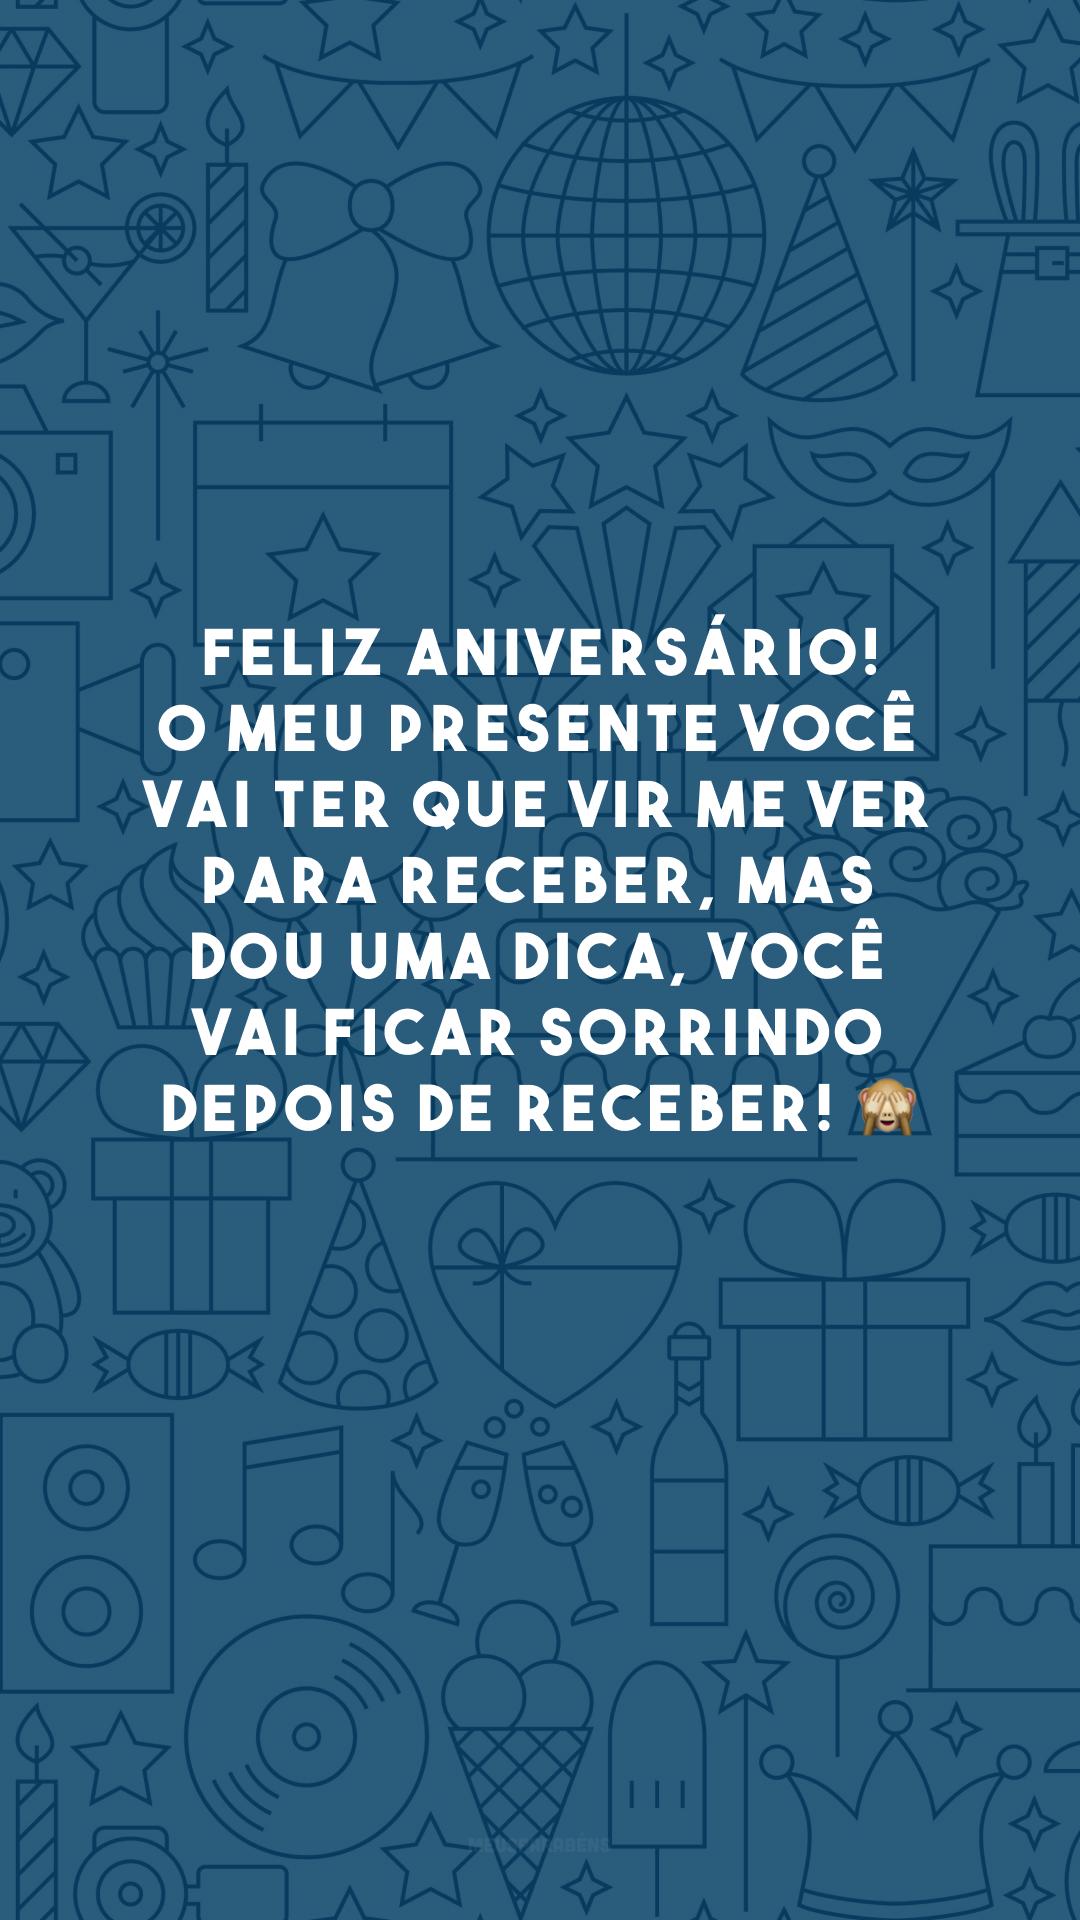 Feliz aniversário! O meu presente você vai ter que vir me ver para receber, mas dou uma dica, você vai ficar sorrindo depois de receber! 🙈